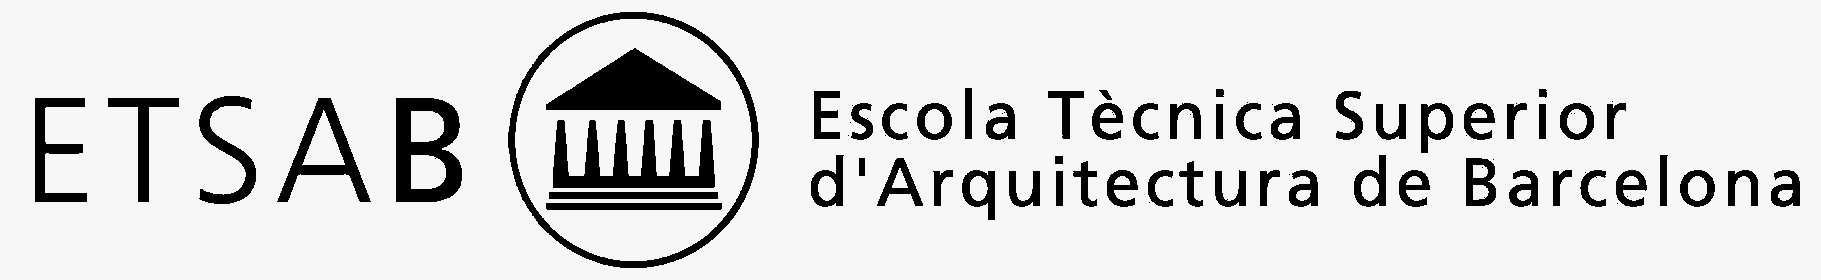 PFG-TFM en la Escola Tècnica Superior d'Arquitectura de Barcelona. ETSAB UPC